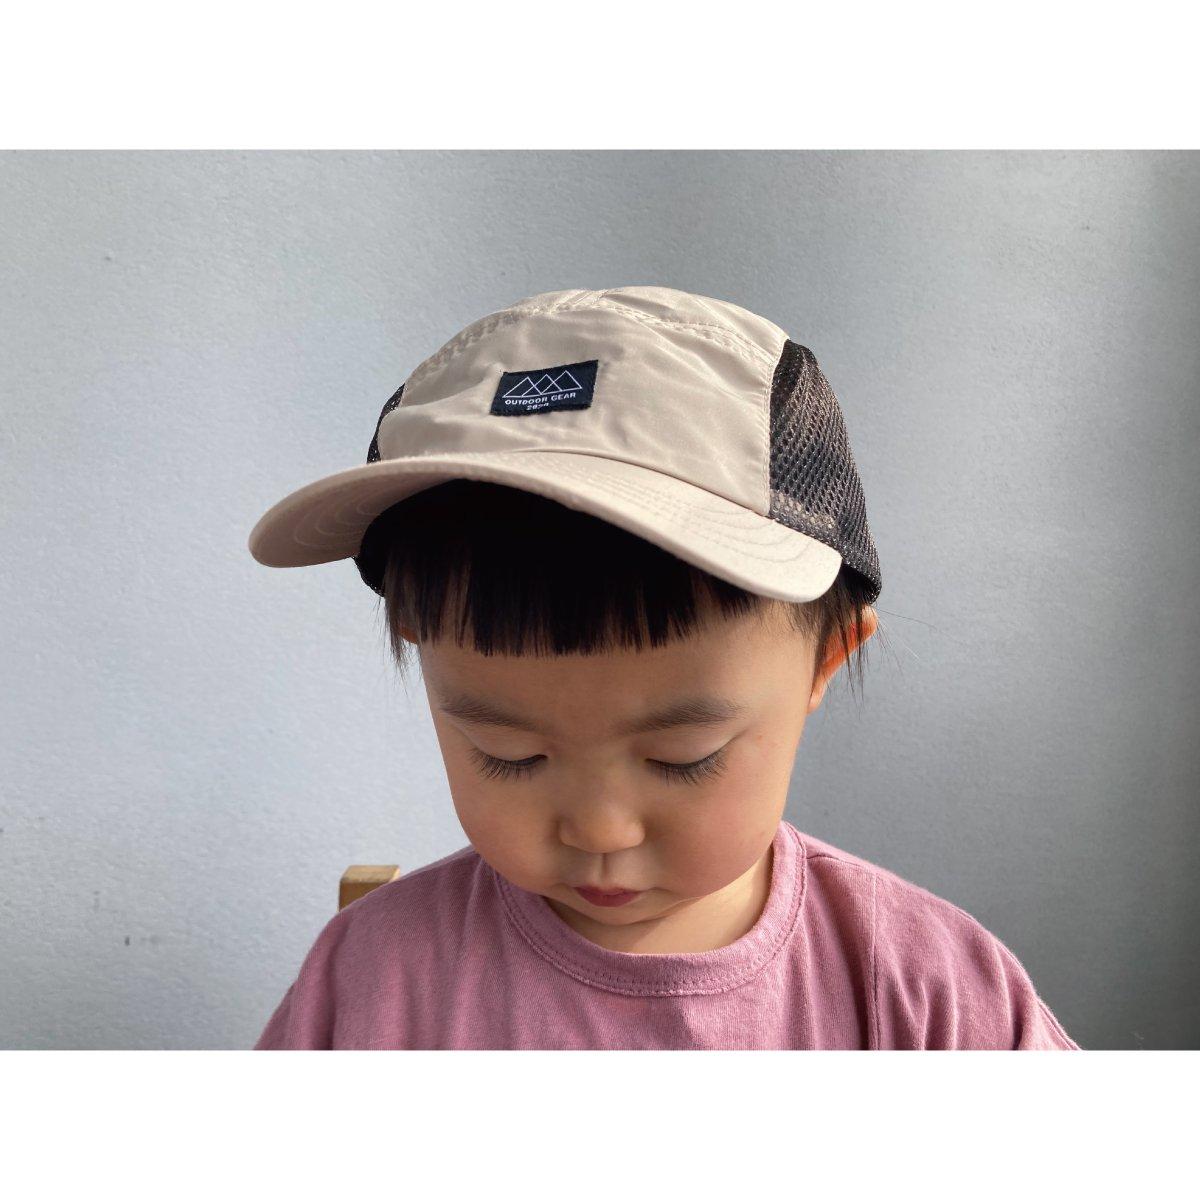 【KIDS】Kids Gear Jet Cap 詳細画像11